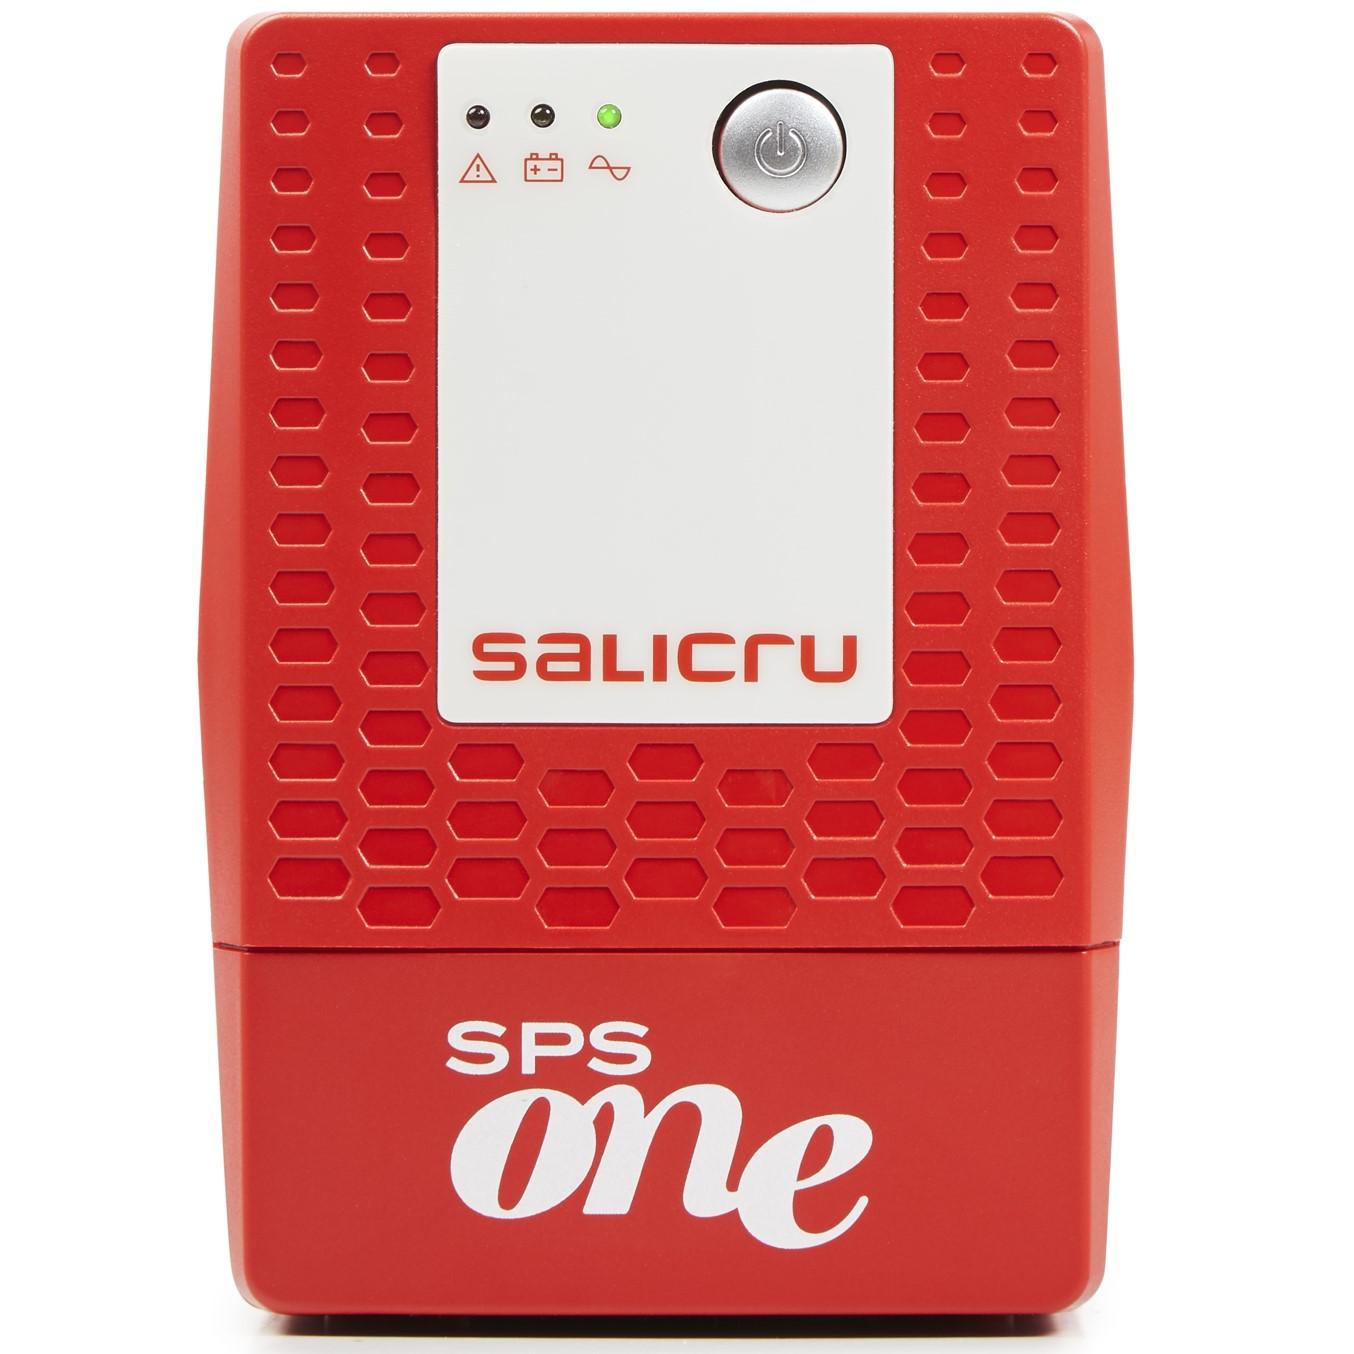 Sai salicru one sps500va - 240w new